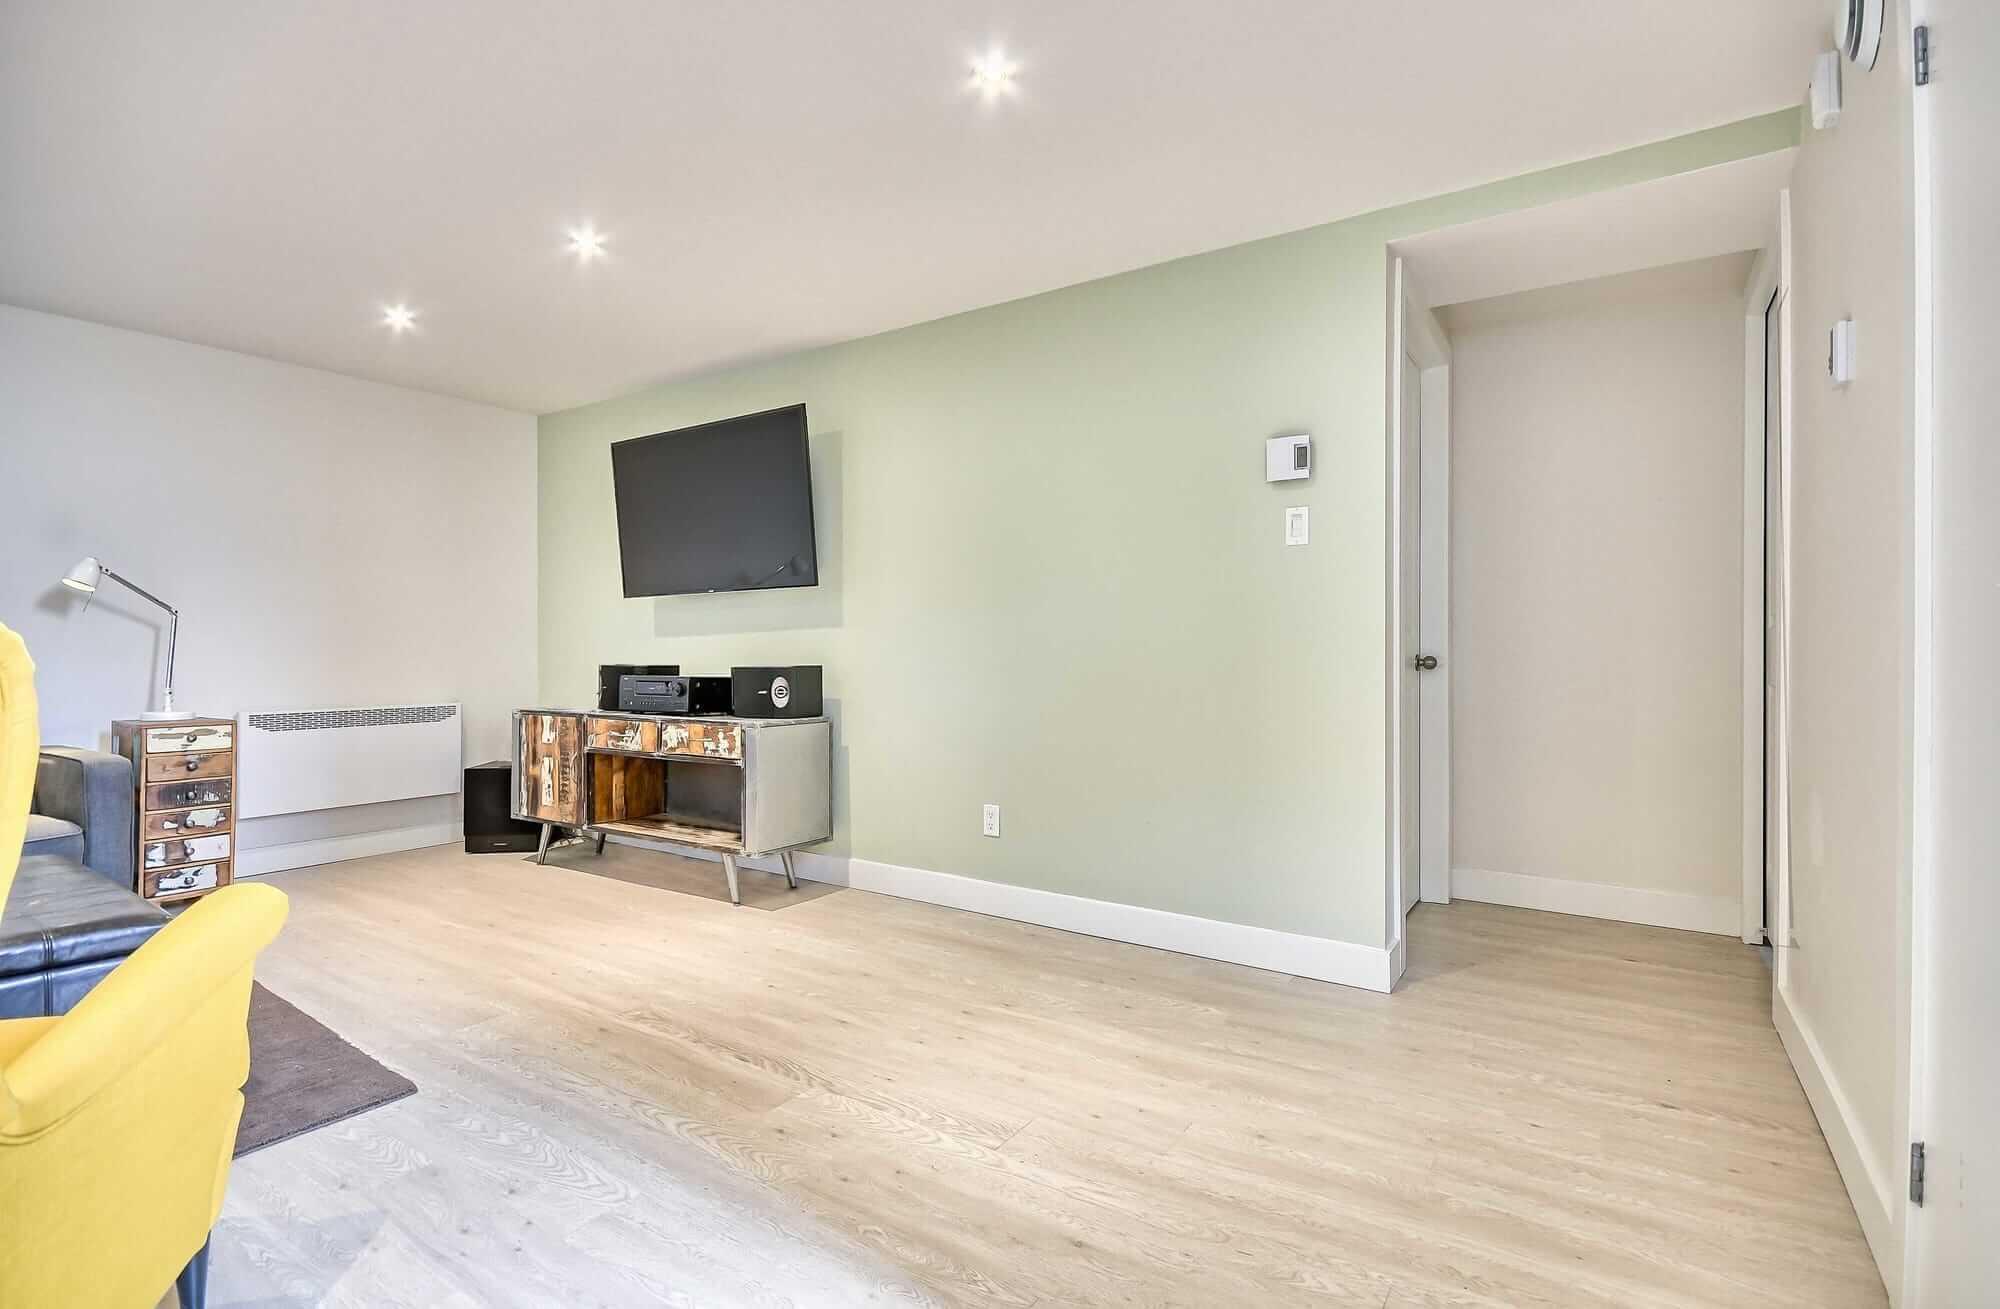 aménagement de sous-sol avec plancher flottant beige pâle, mur vert menthe et meuble ne bois avec téléviseur